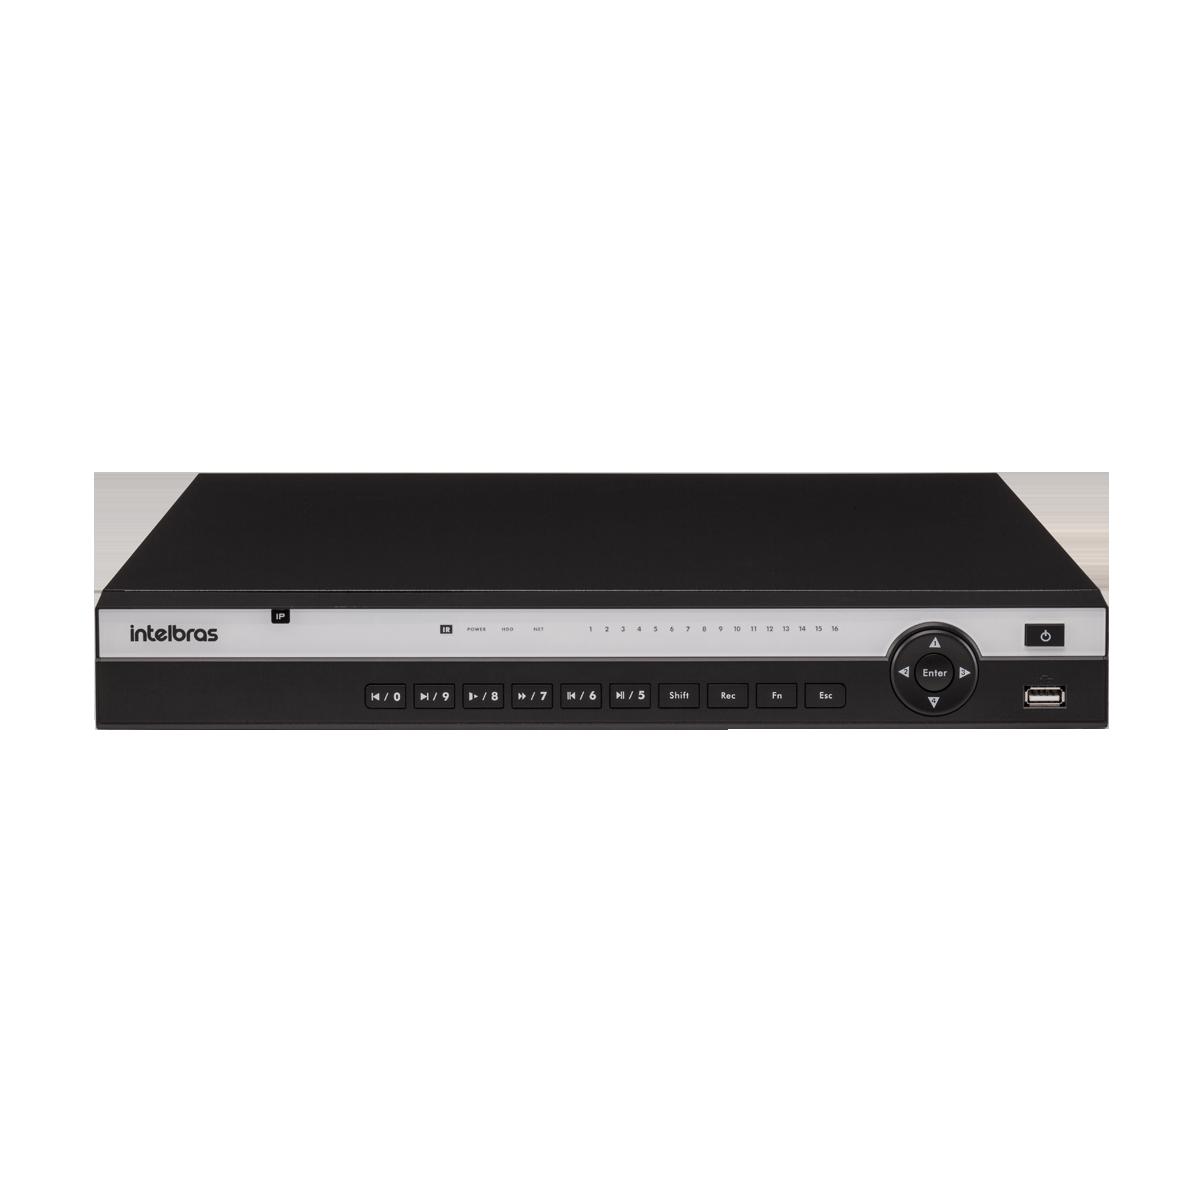 NVD 3116 P COM HD 4TB - GRAV. DIG. DE VÍDEO EM REDE PARA ATÉ 16 CANAIS IP EM FULL HD @ 30 FPS, COM 16 PORTAS POE, INTELIGÊNCIA DE VÍDEO EM TODOS OS CANAIS, H.265, SUPORTE PARA 2HDS E SUPORTA CÂMERAS C  - Sandercomp Virtual